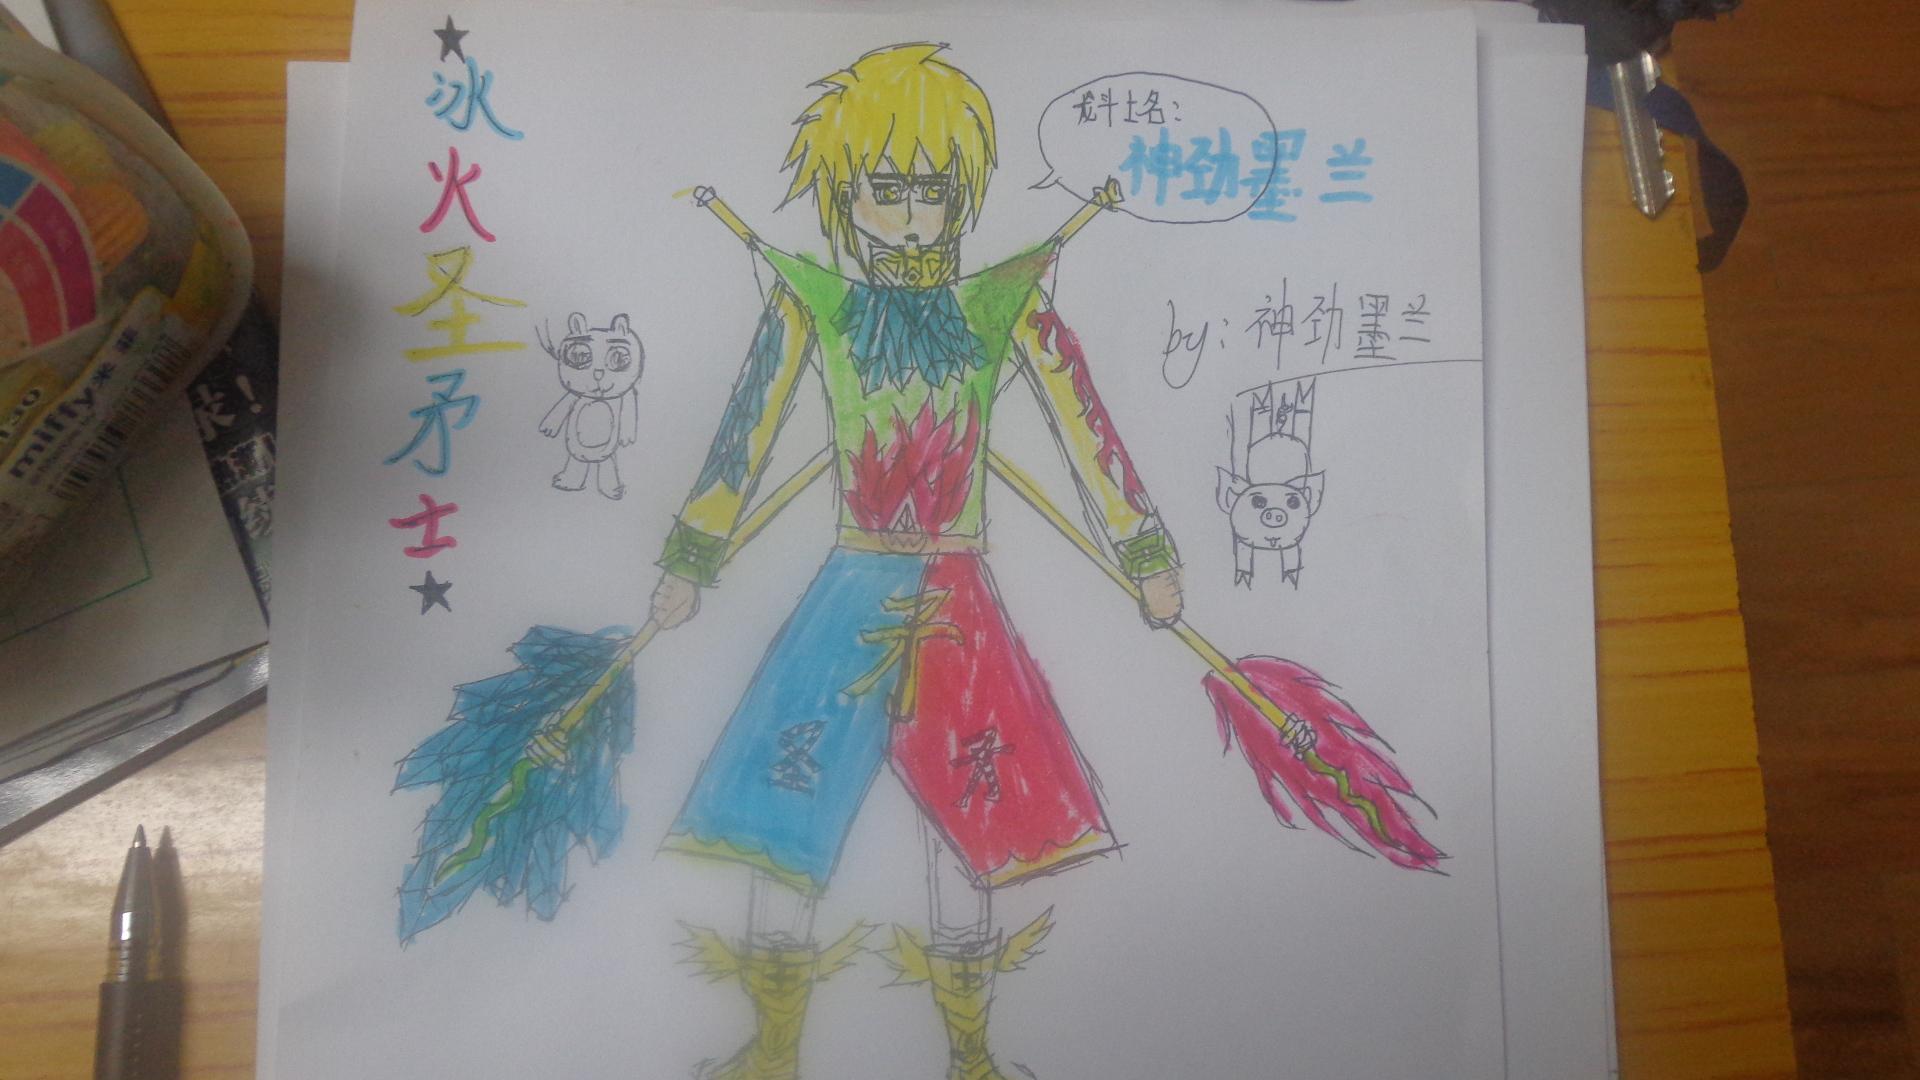 魔神坛斗士图片